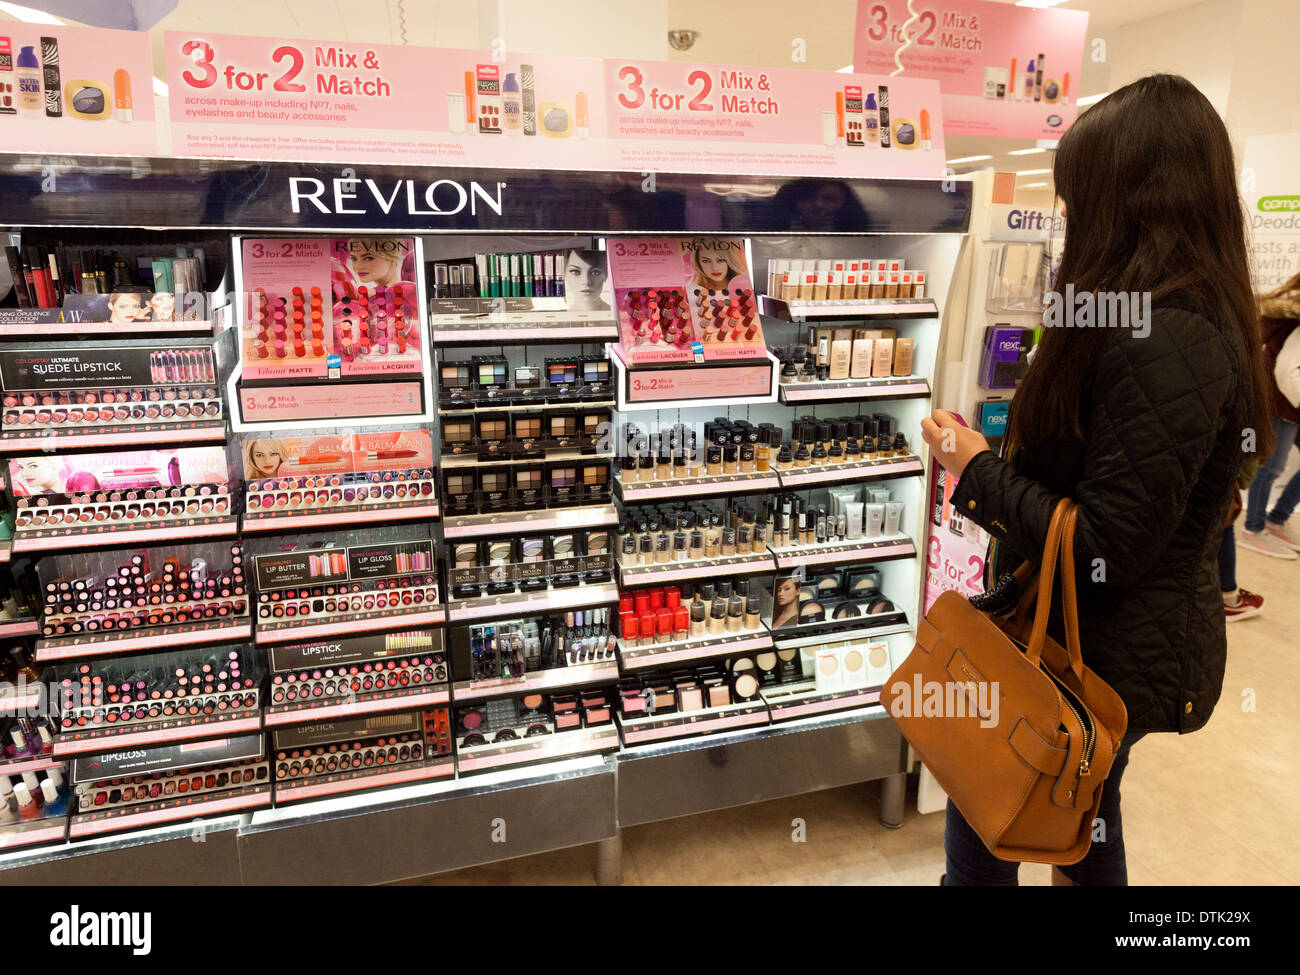 Eine junge Frau für Einkaufs- und Kauf von Revlon Kosmetik, Stiefel, Cambridge UK Stockbild